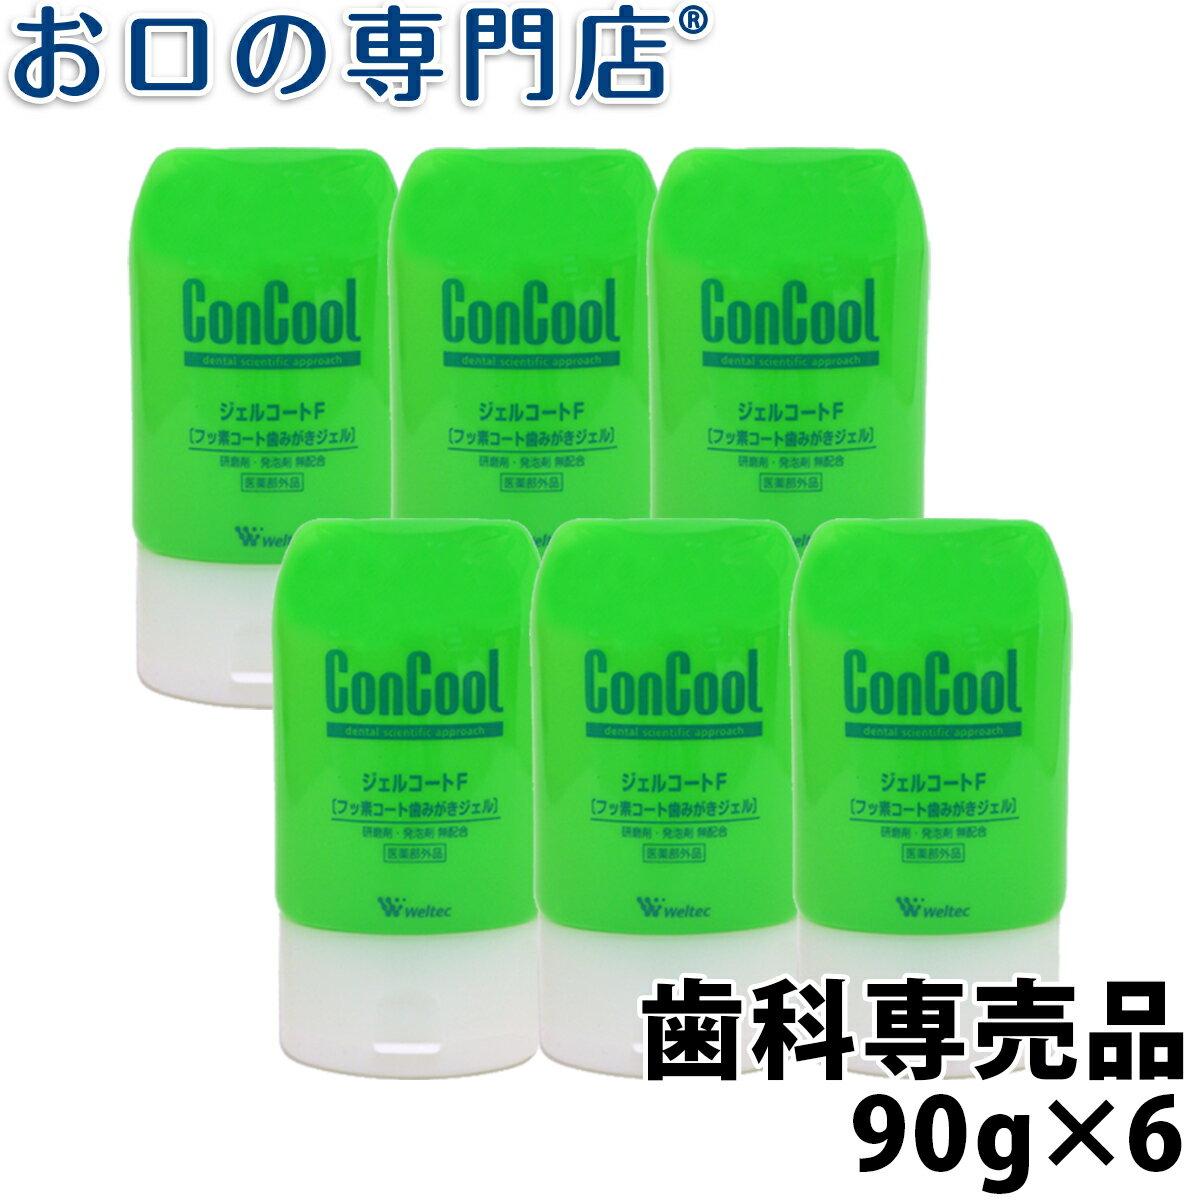 ジェルコートF90g/コンクールF100ml よりどり2点セット/Weltec concool 歯磨き粉/ハミガキ粉 洗口液/マウスウォッシュ 歯科専売品